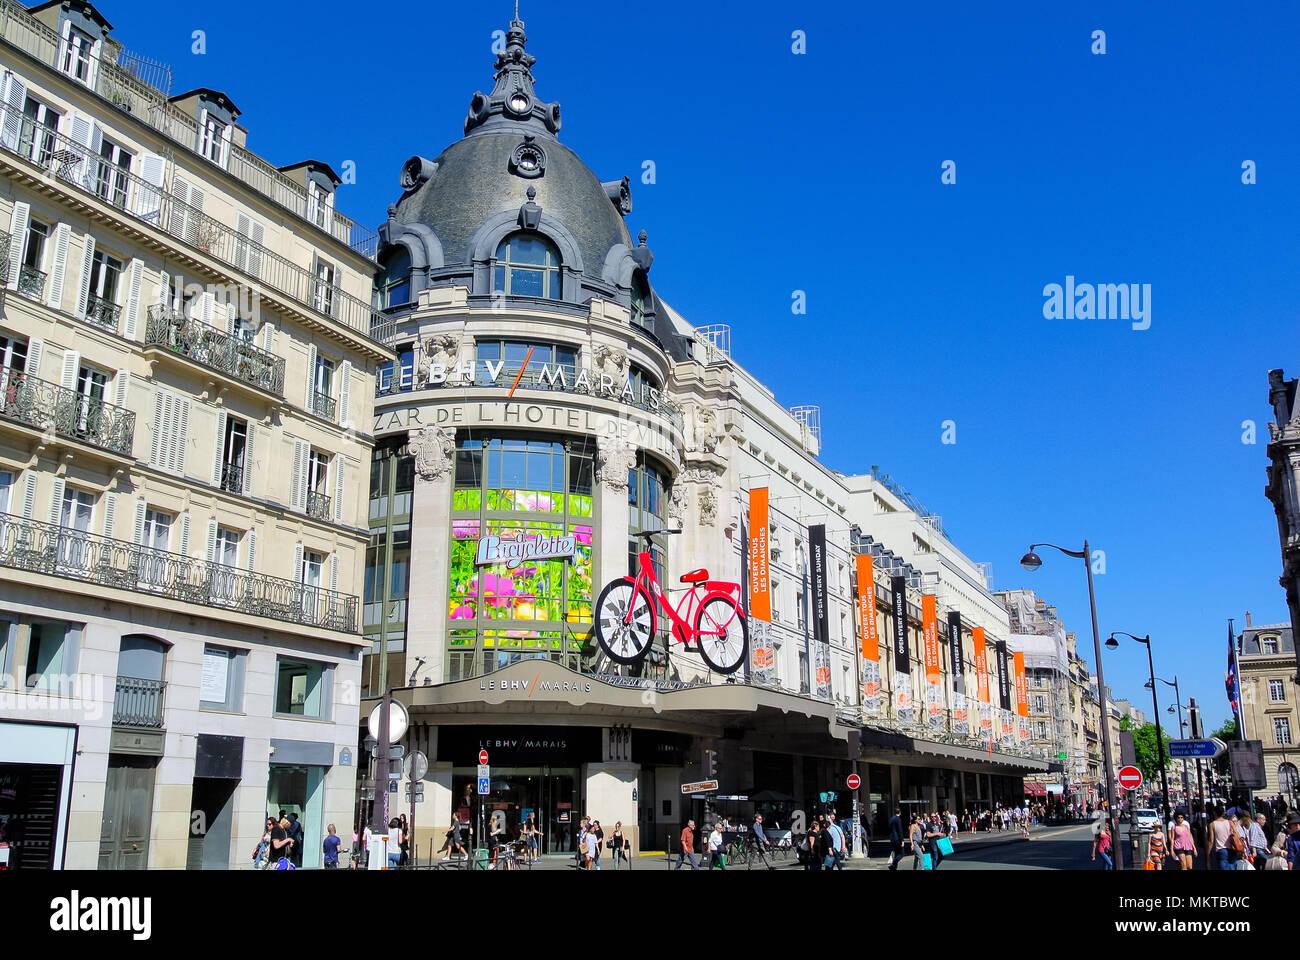 Shopping Marais Paris Photos   Shopping Marais Paris Images - Alamy bdf38e93155